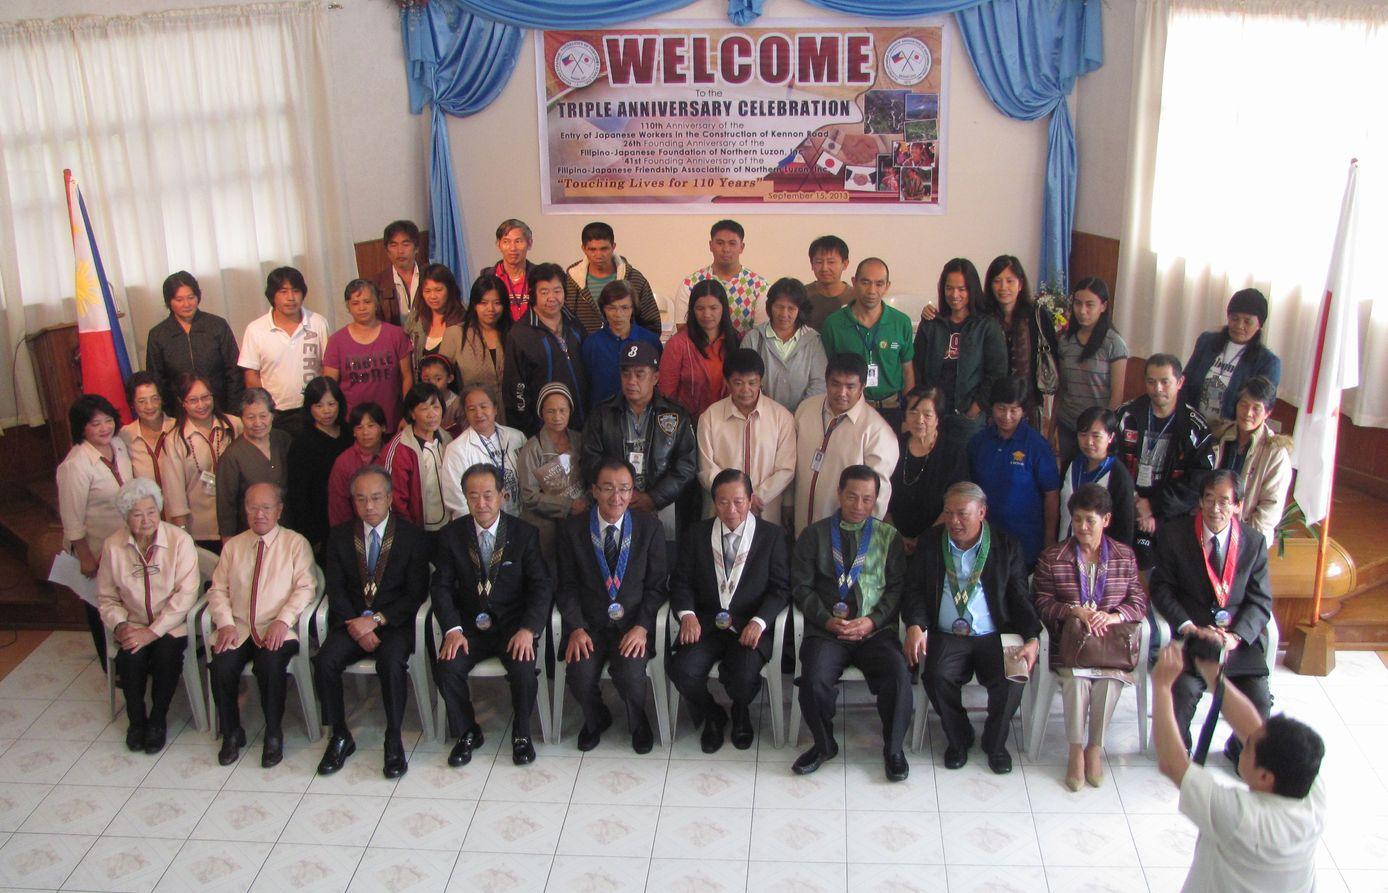 フィリピン・北ルソンの日系人 移民110周年を祝う Triple Anniversary, in Baguio_a0109542_16282118.jpg